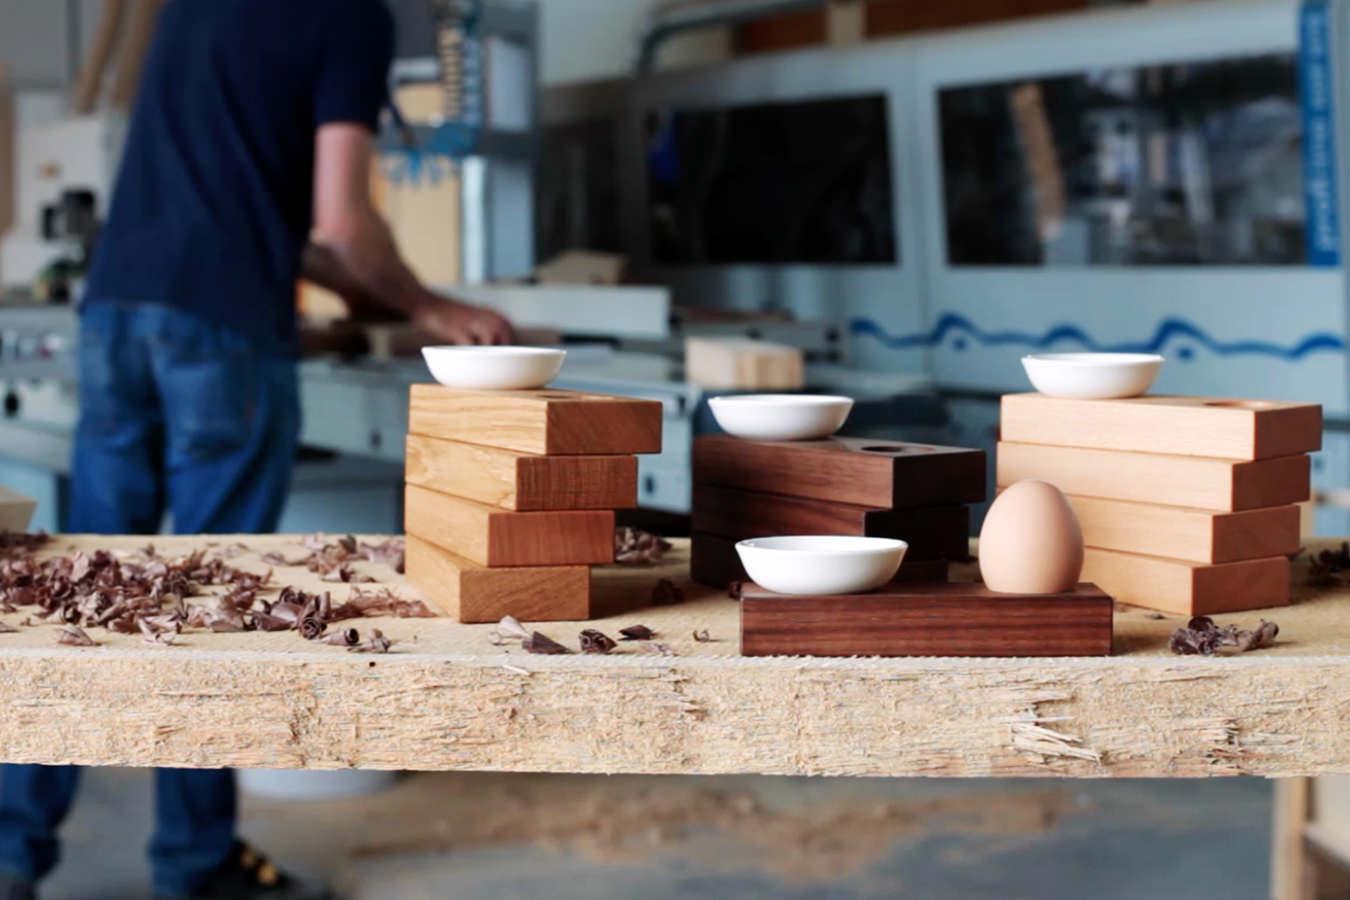 Unsere Eierbecher in der Produktion